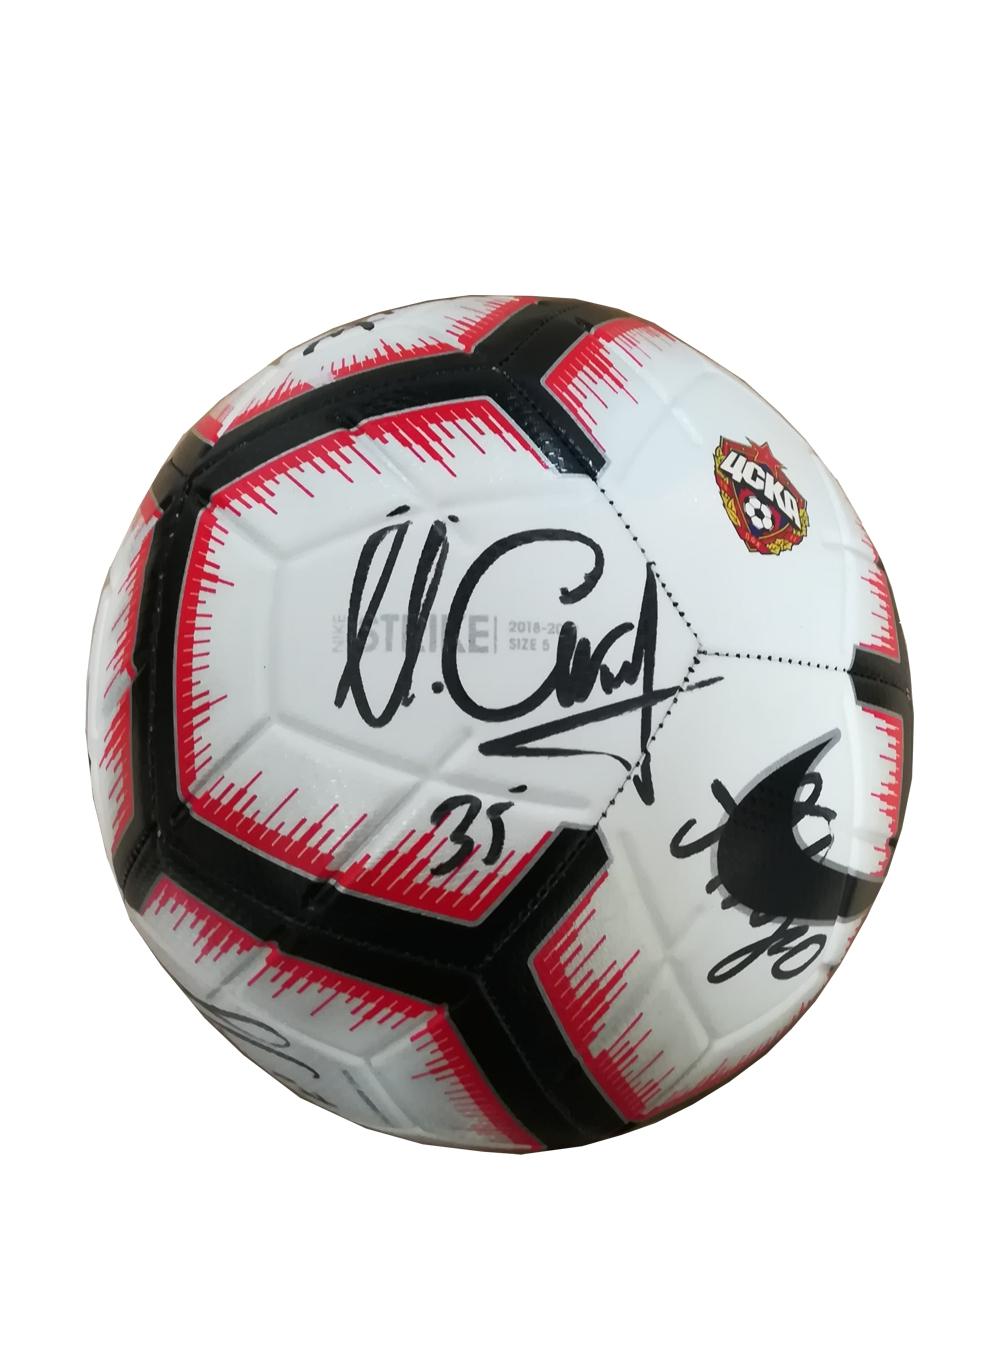 Мяч футбольный Nike Strike RPL белый/красный/чёрный с эмблемой ПФК ЦСКА с автографами